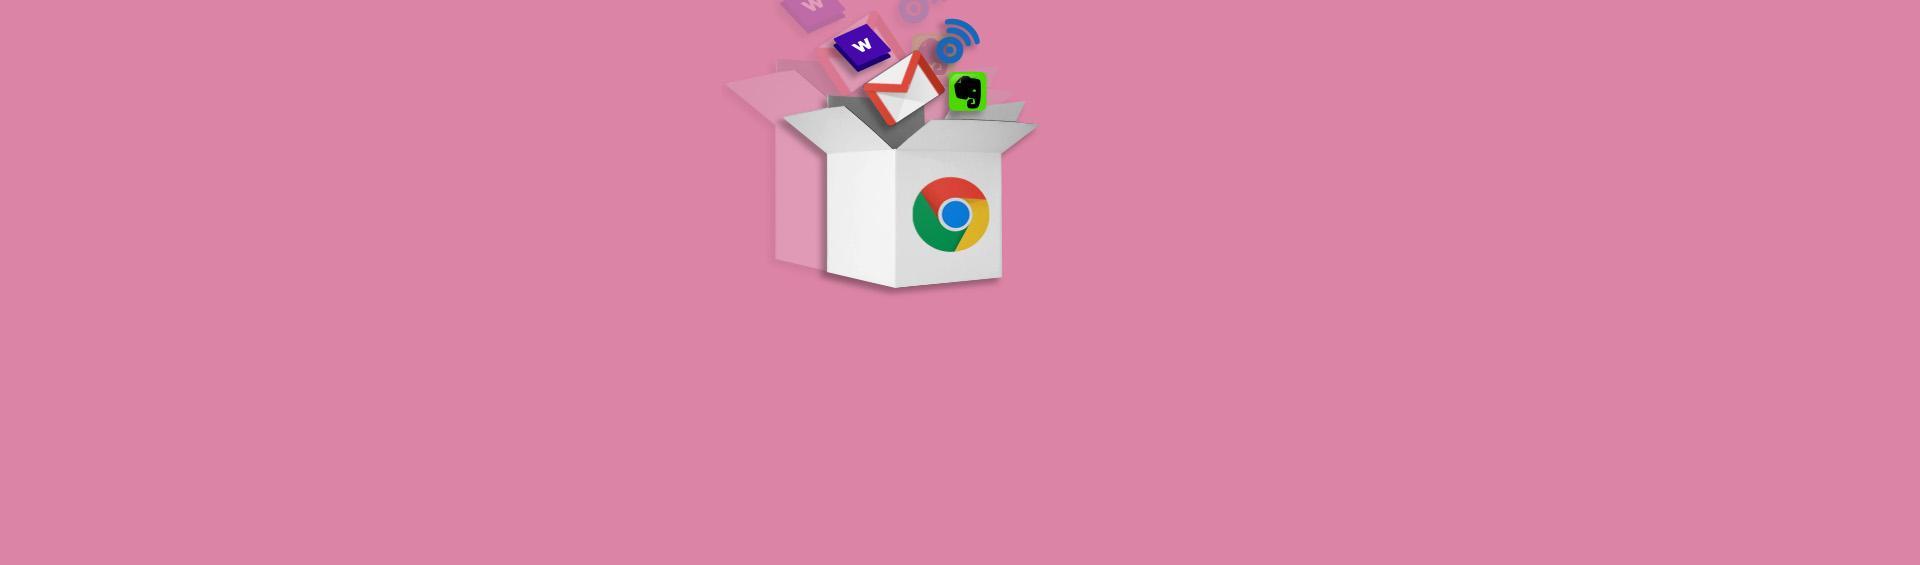 80удобнейших расширений Google Chrome длямаркетологов